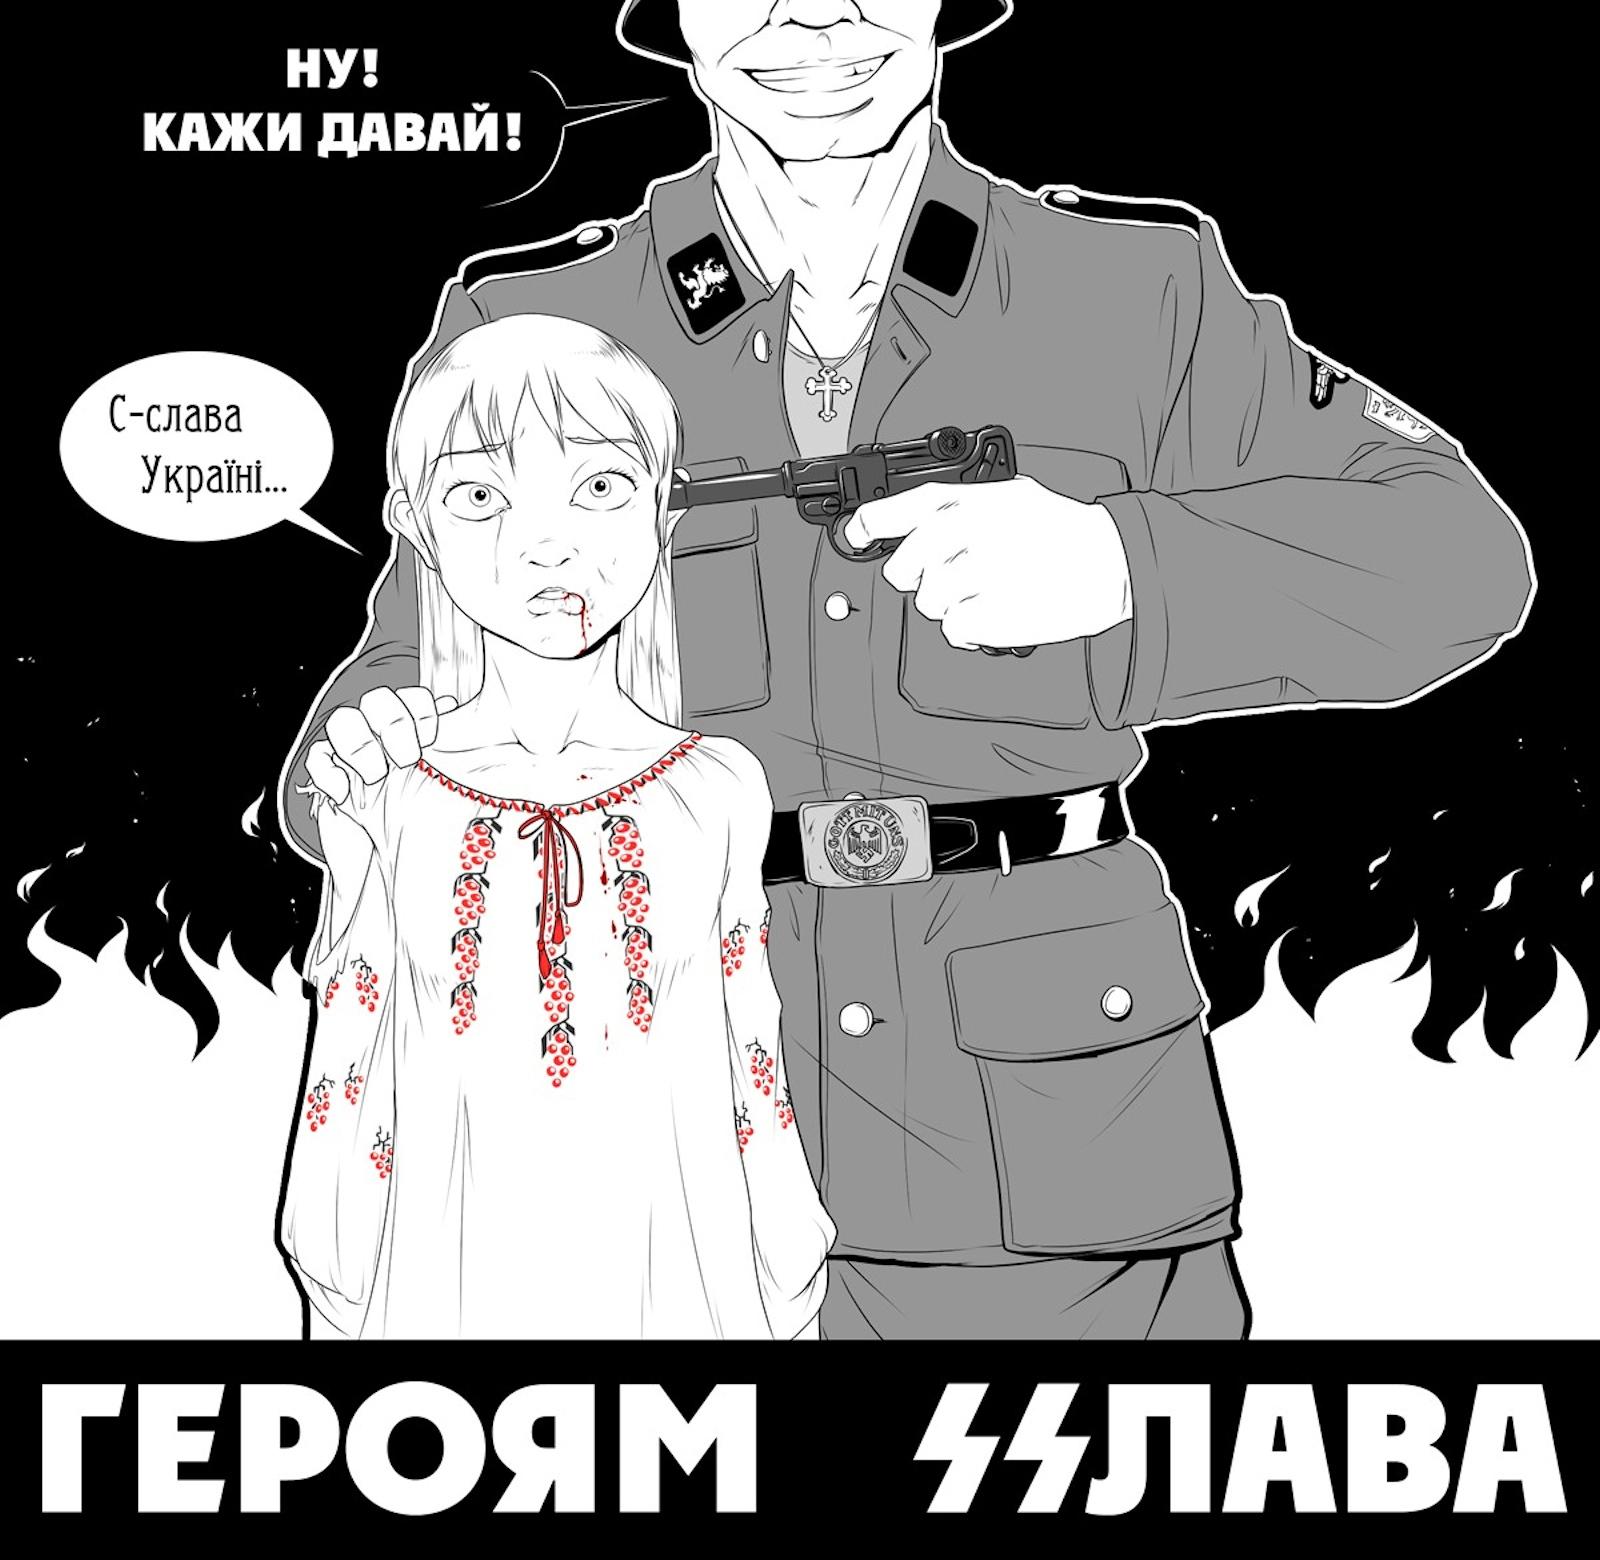 00 Slava Ukrainy! 25.08.14